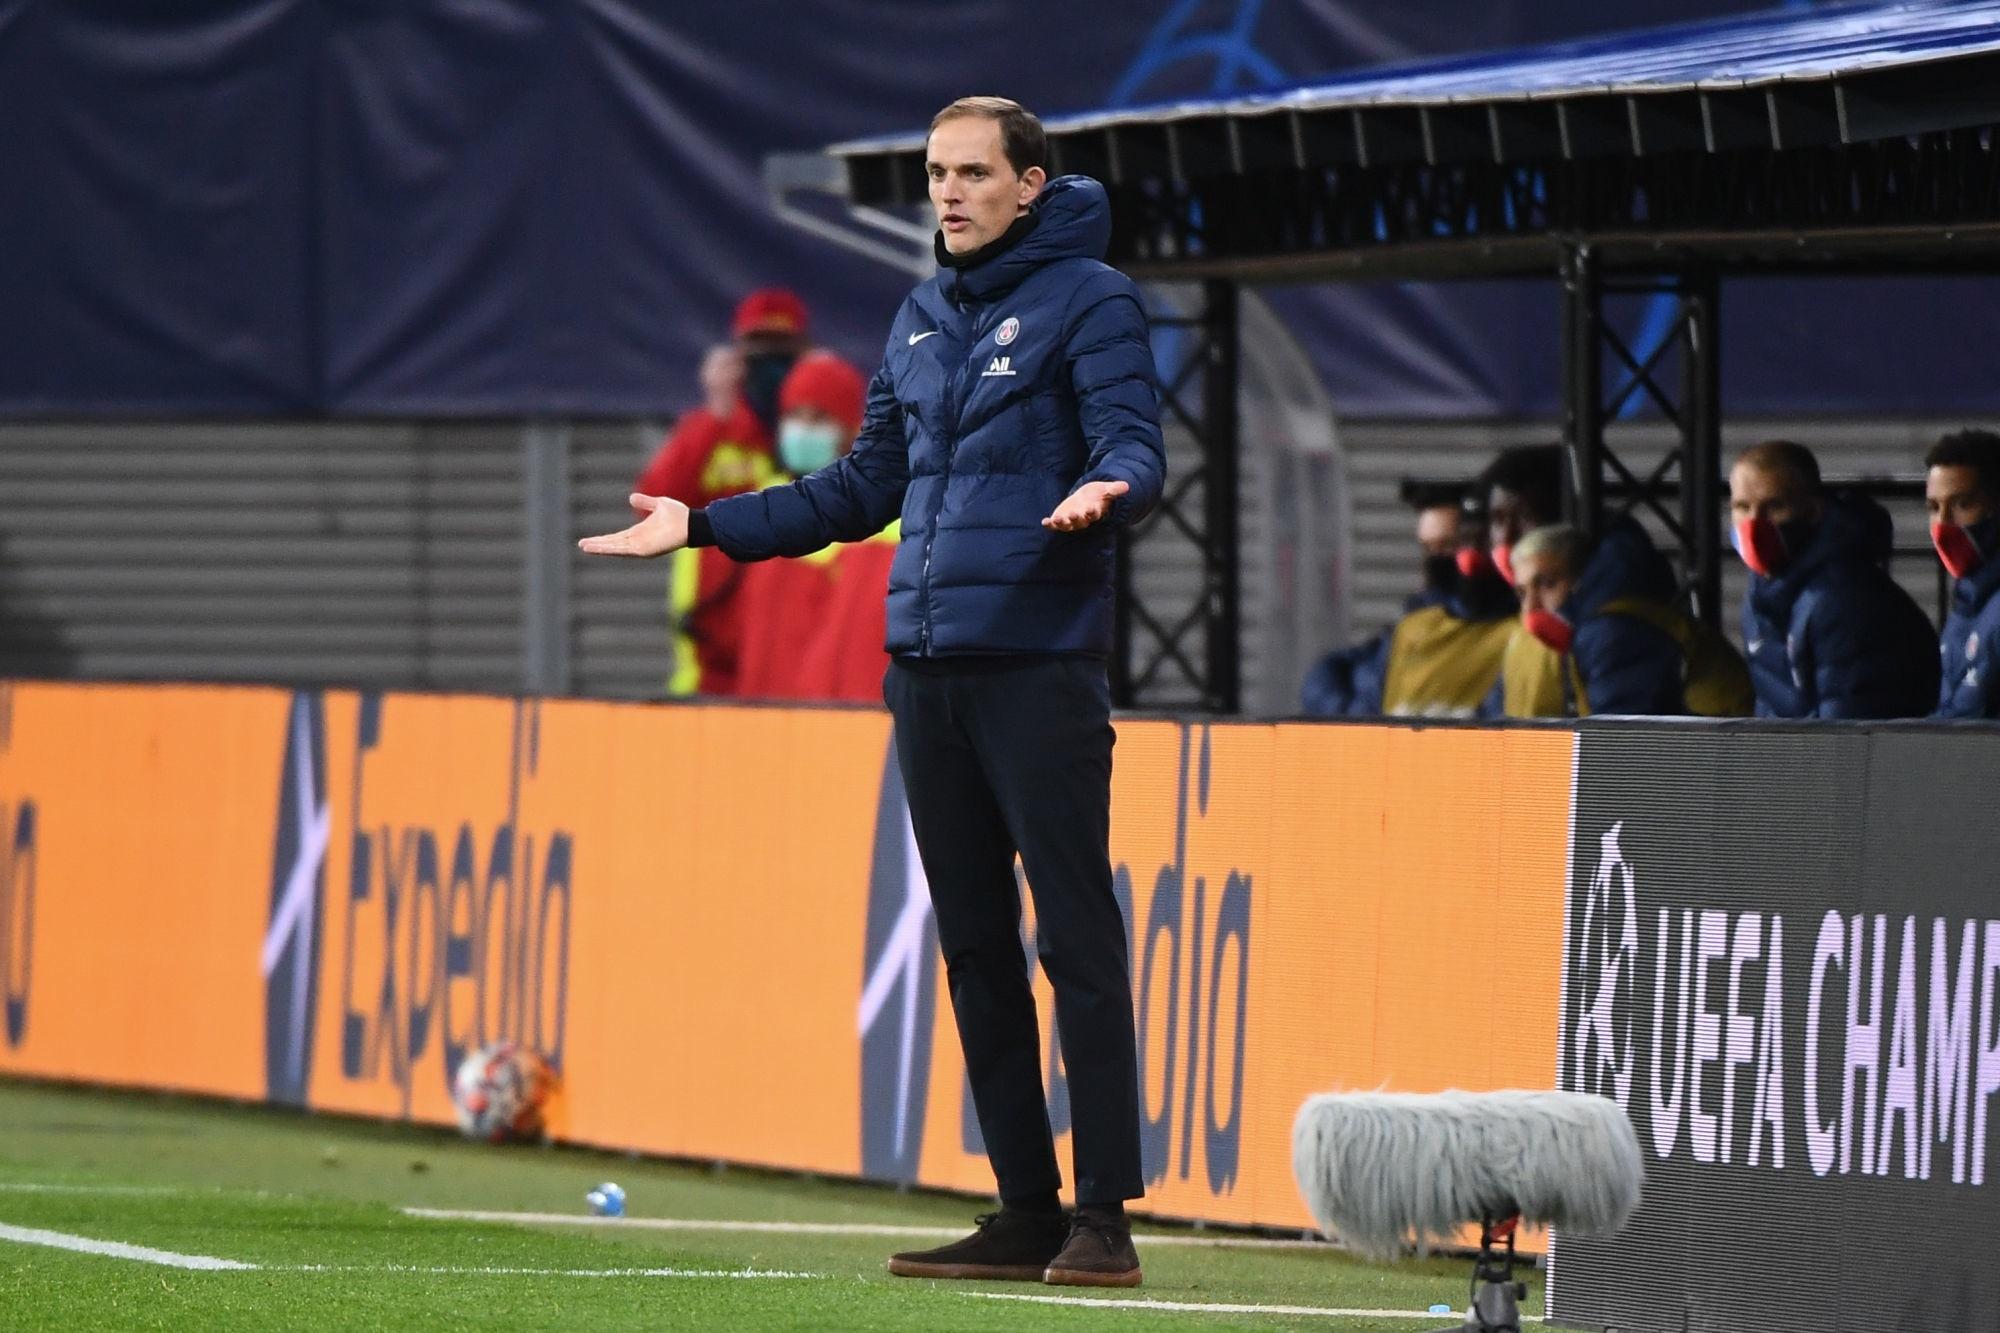 MacHardy demande le départ de Tuchel du PSG après la défaite contre Monaco